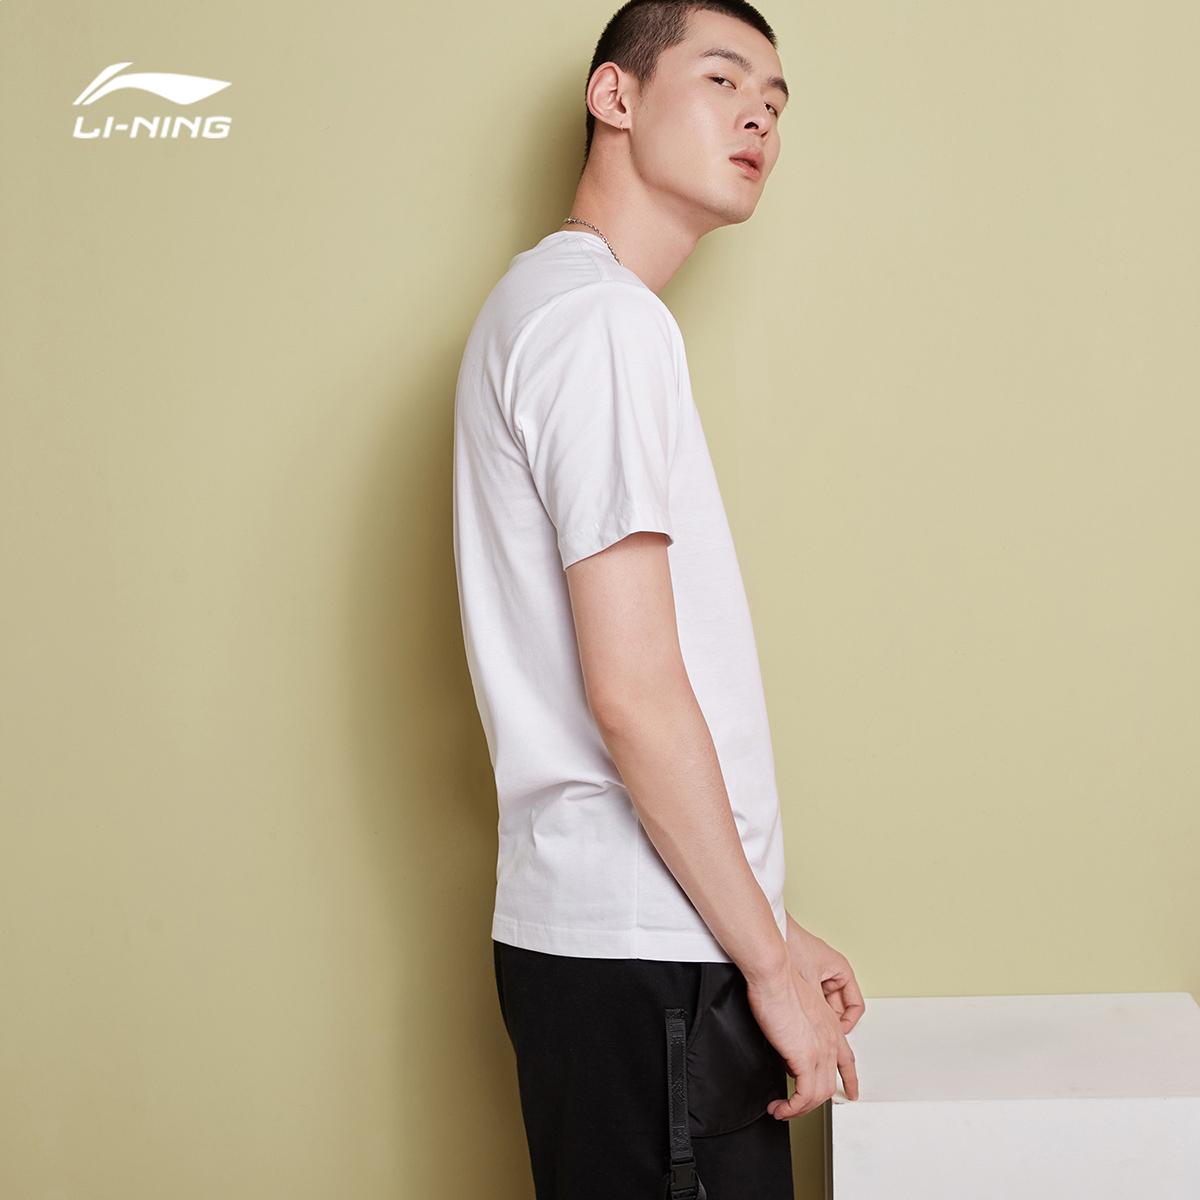 李宁短袖男士bad five篮球系列t恤